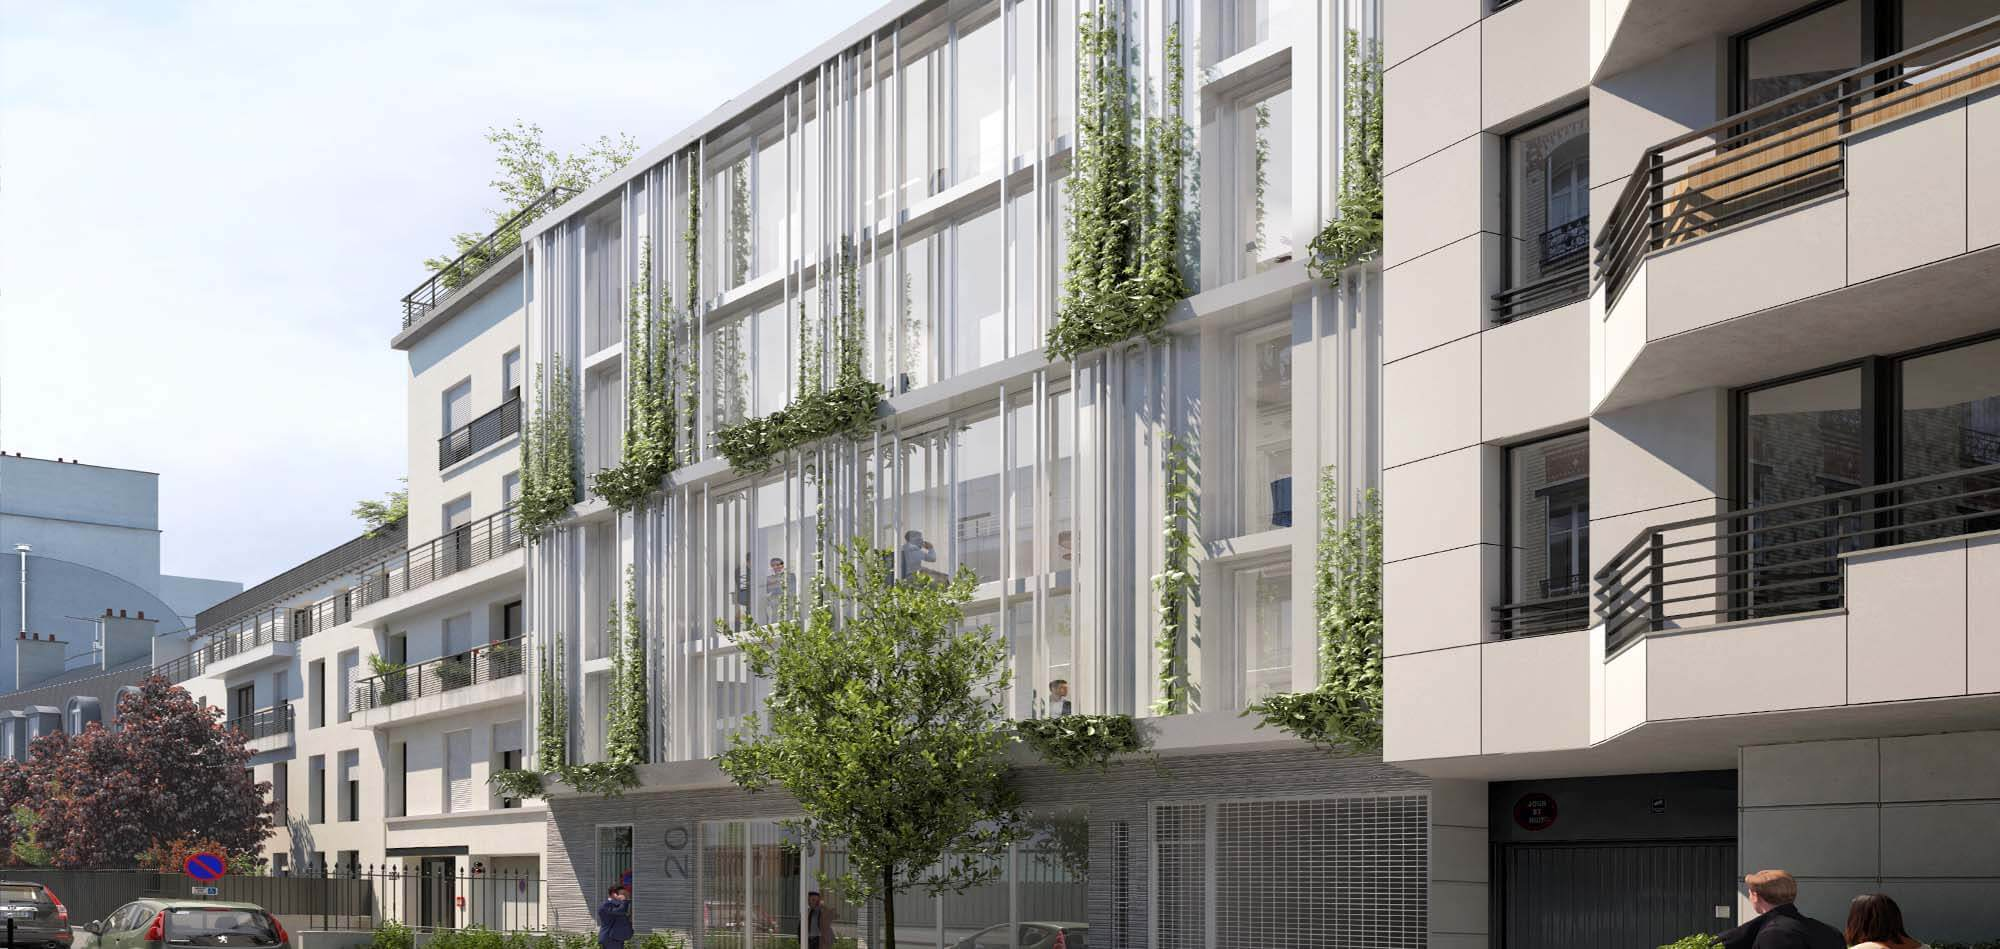 Boulogne-Billancourt_MaudCaubet_Bandeau